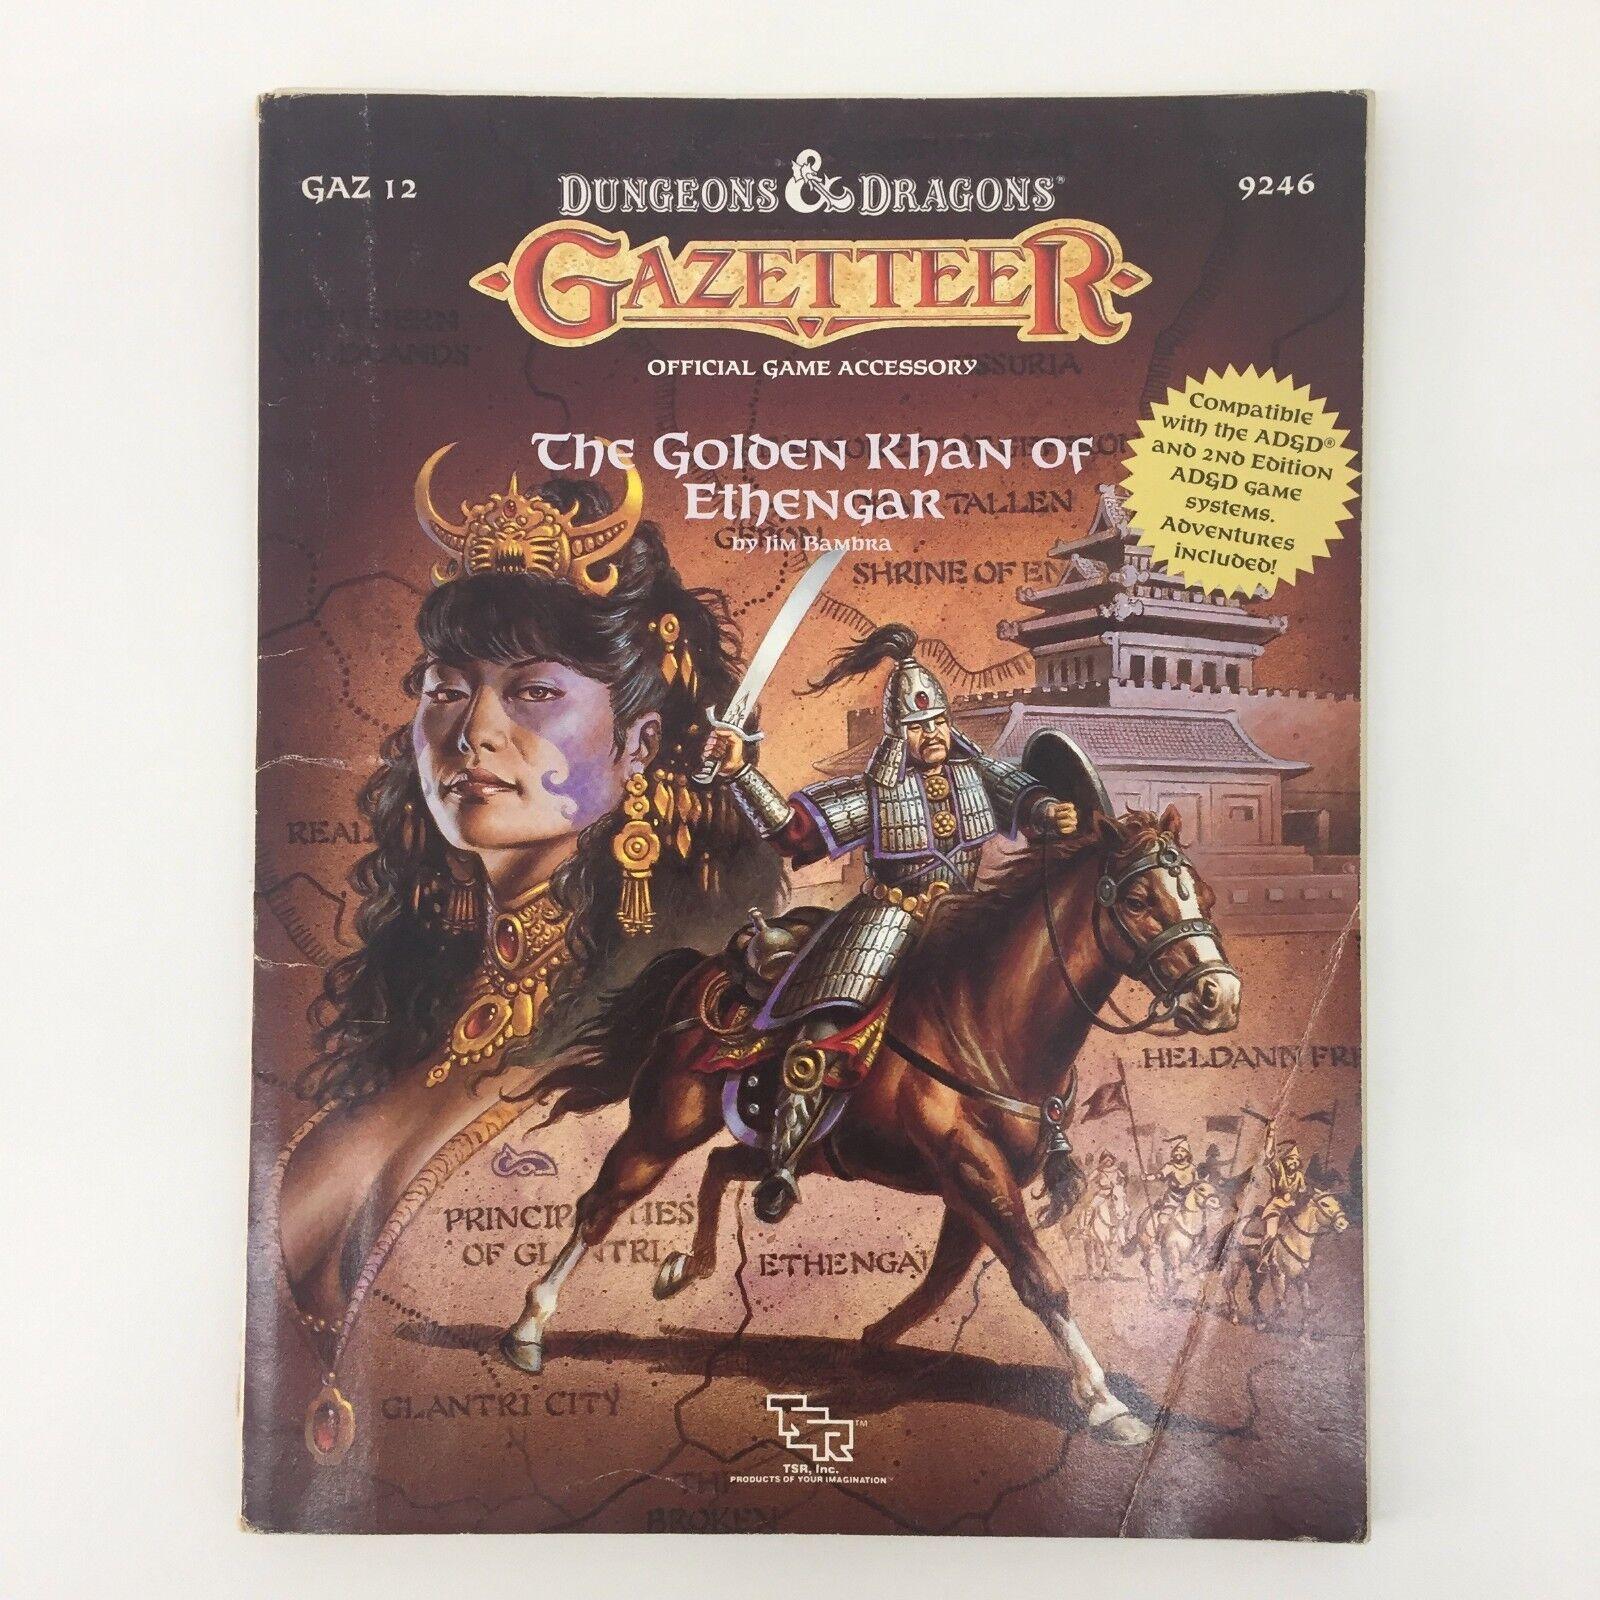 TSR Advanced Dungeons & Dragons Gazetteer el oroen Khan de ethengar D&D 9246